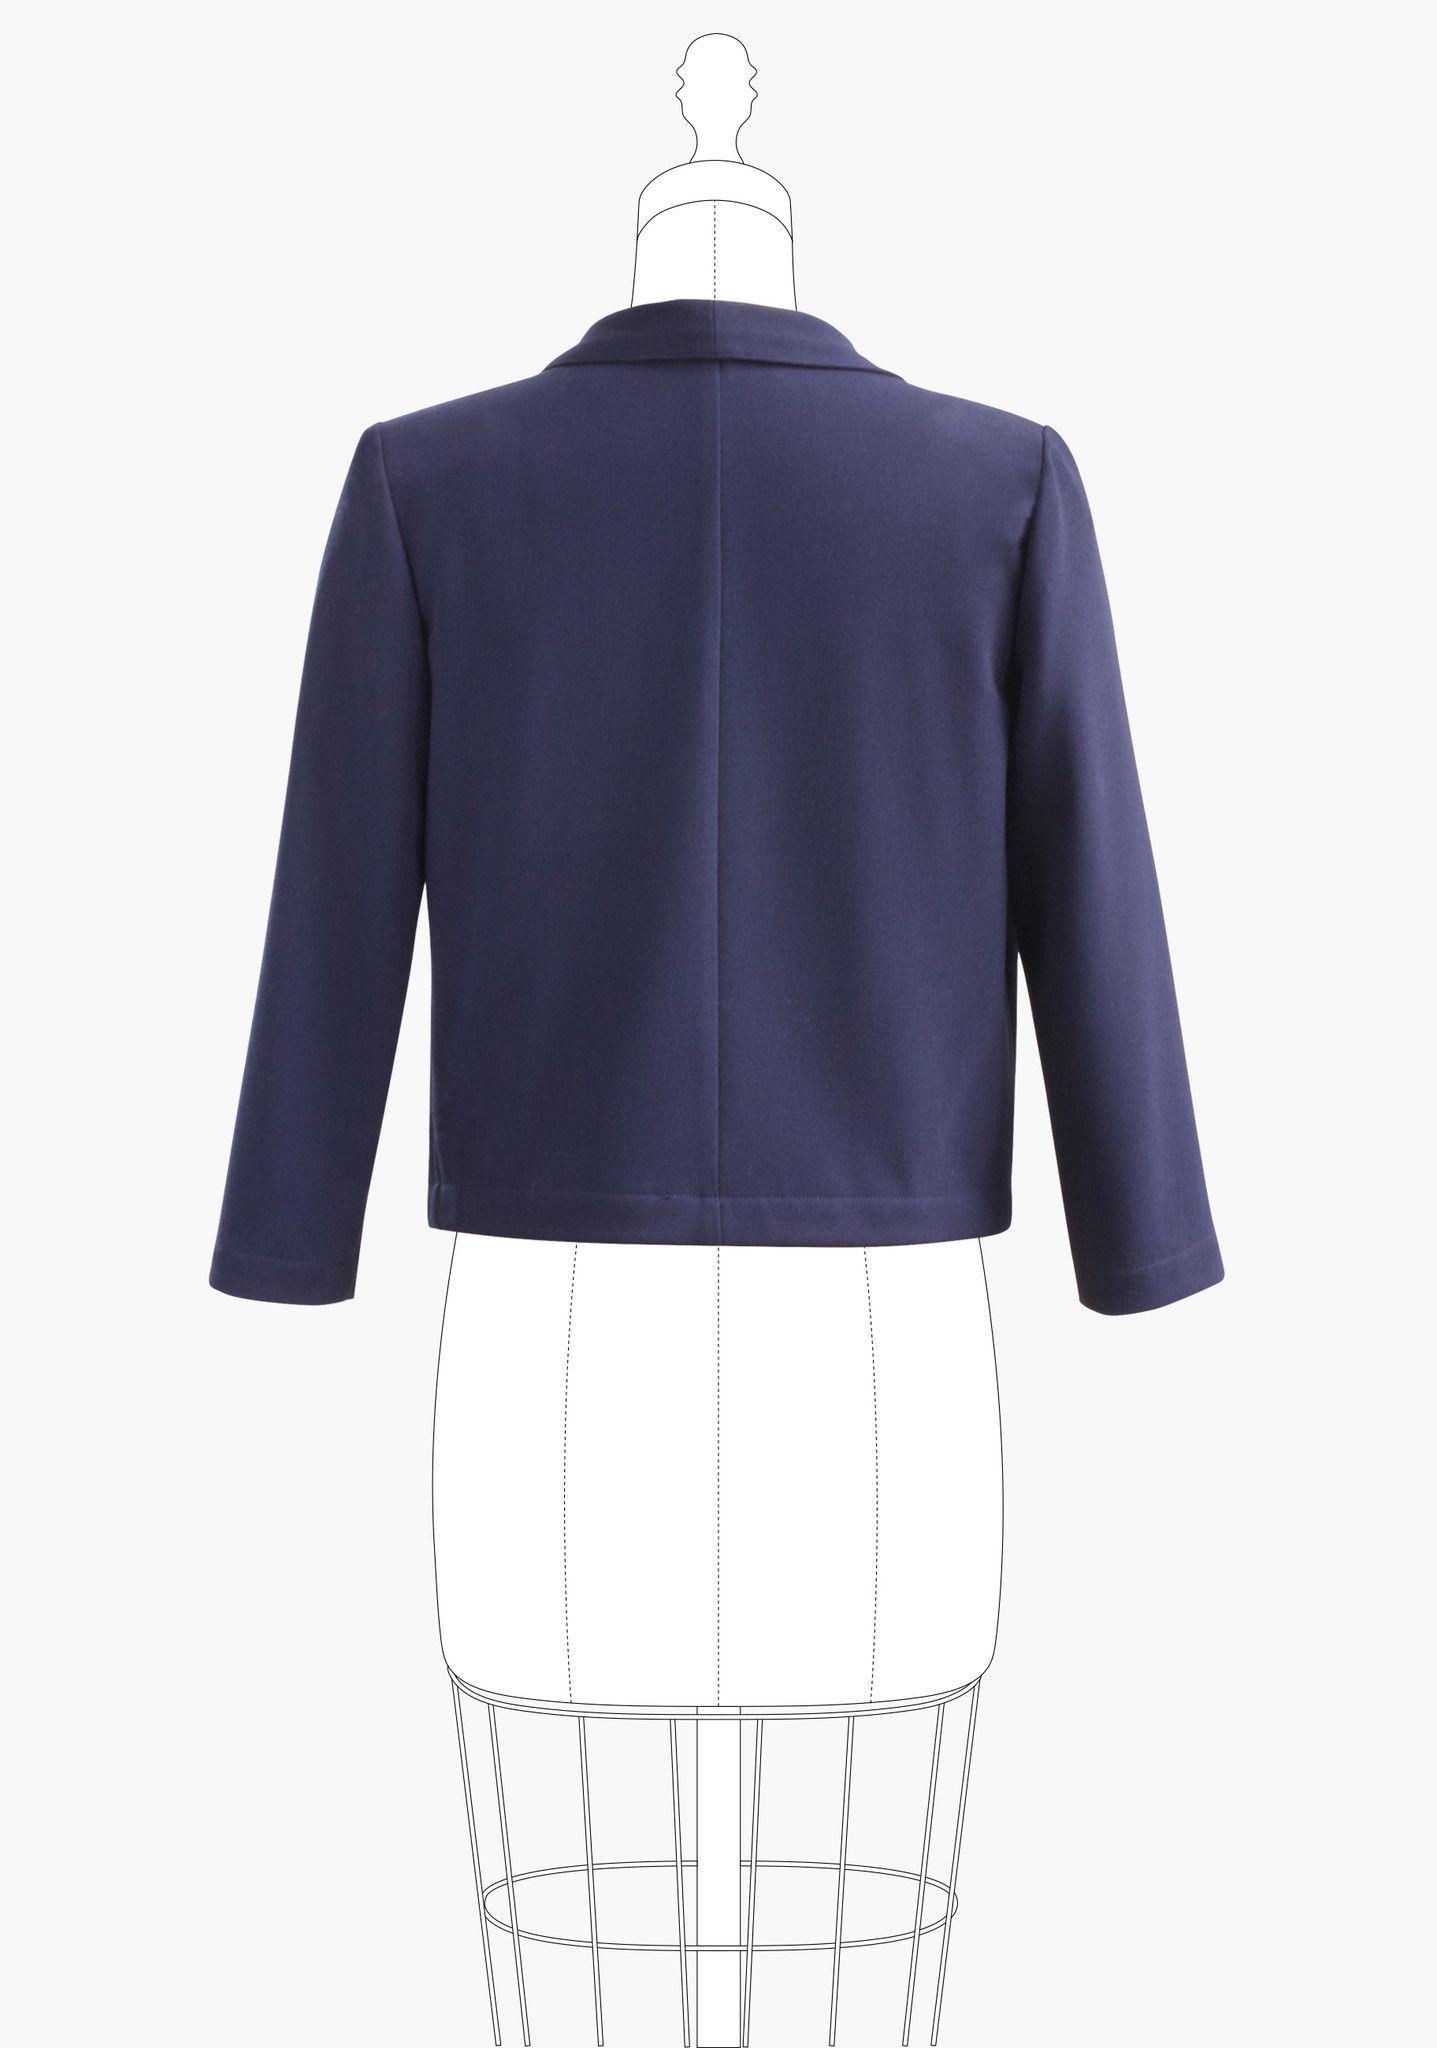 Tuto couture blazer